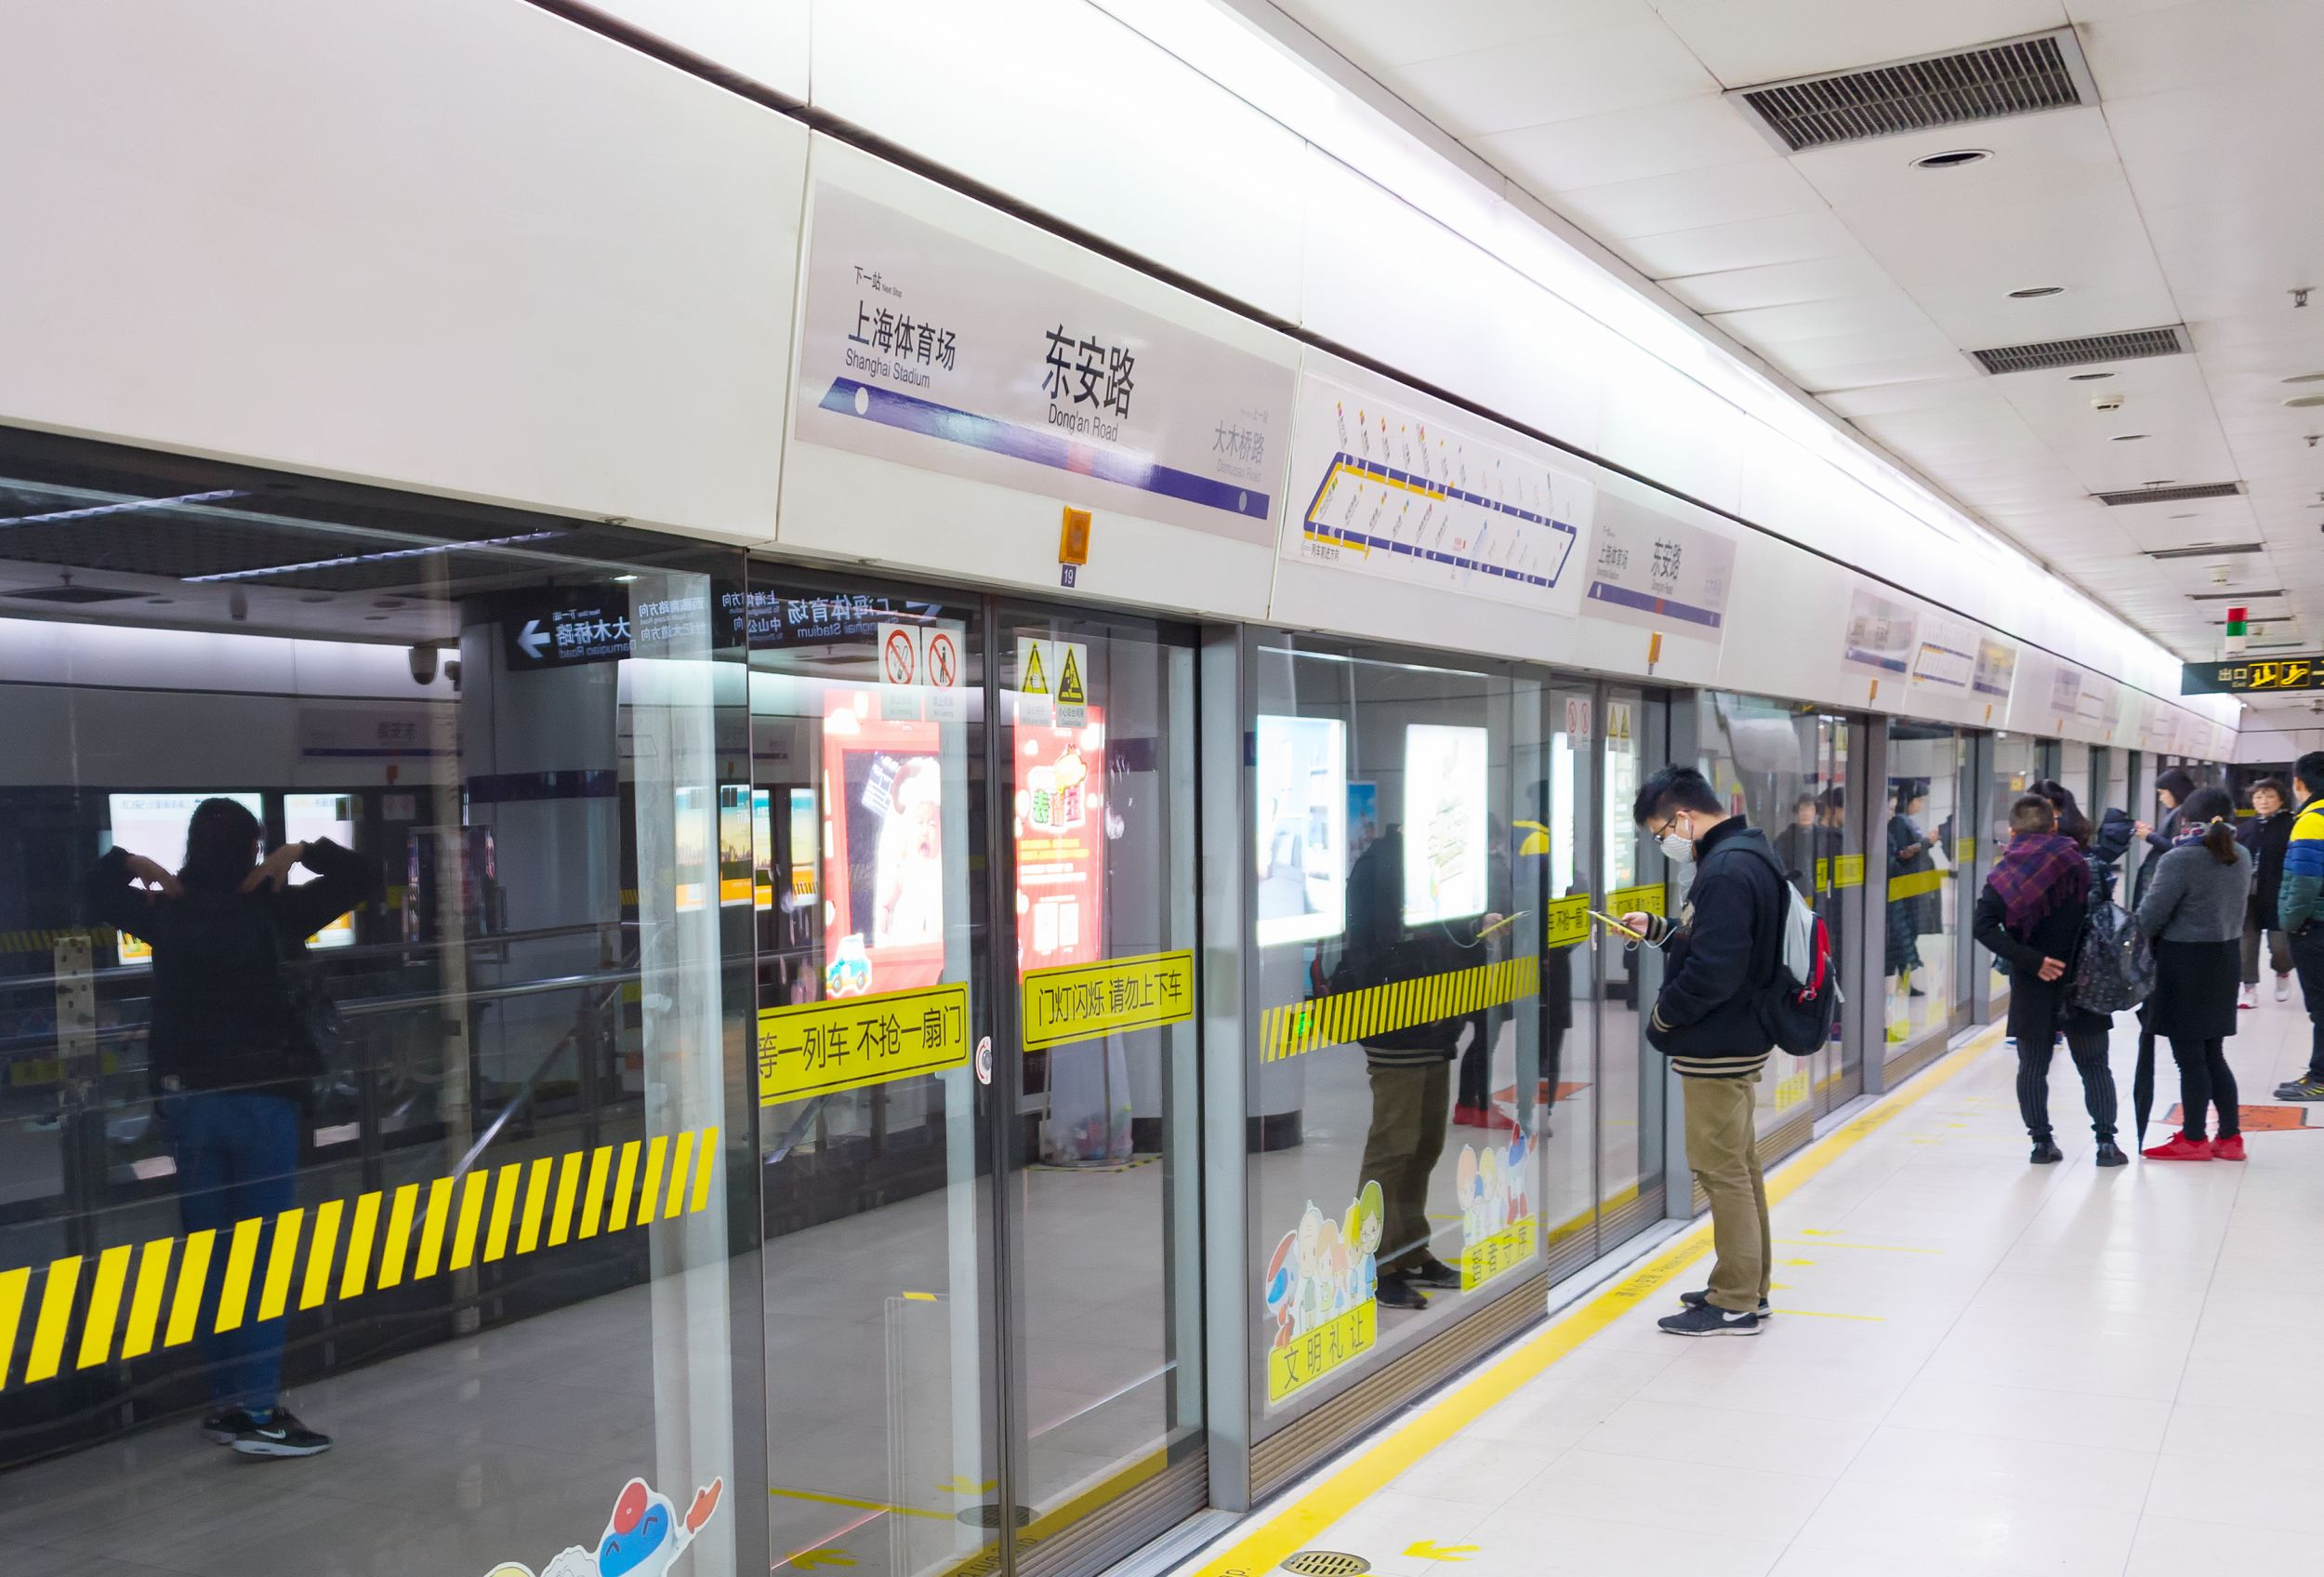 Automatisierte Zustiegstüren für mehr Sicherheit am Bahnsteig der Metro Shanghai